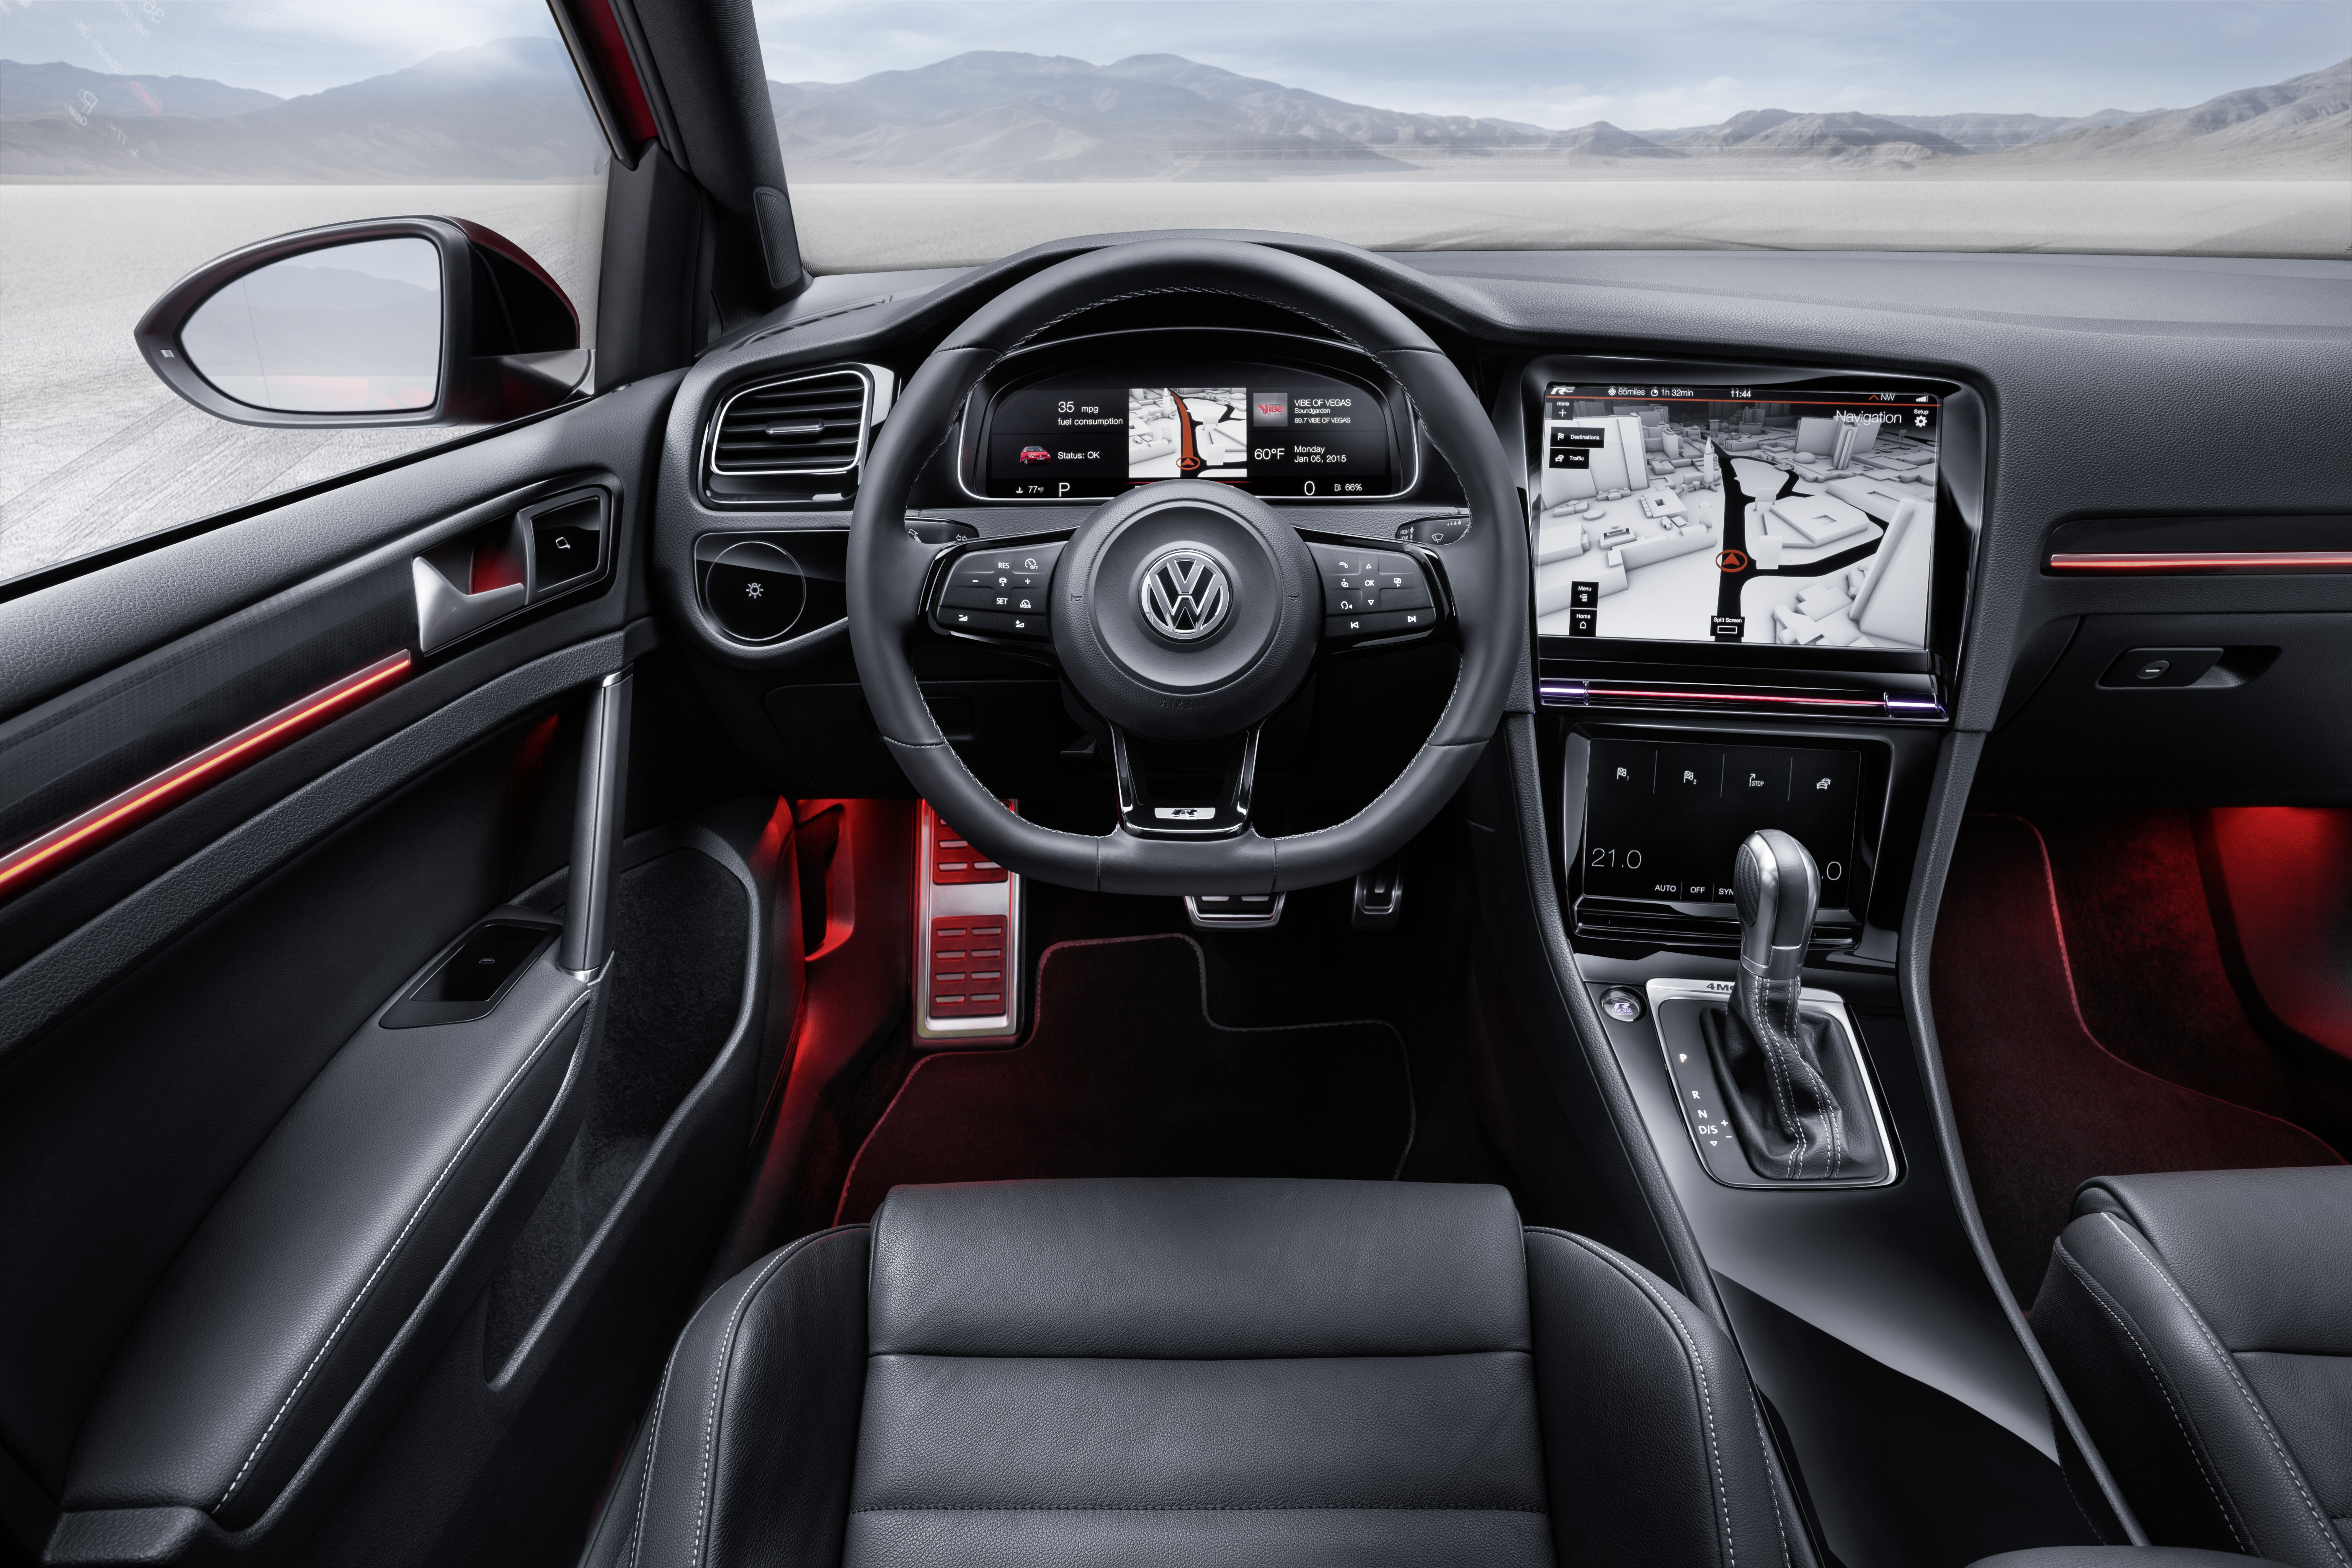 android auto disponible chez volkswagen en 2016 sur tous. Black Bedroom Furniture Sets. Home Design Ideas